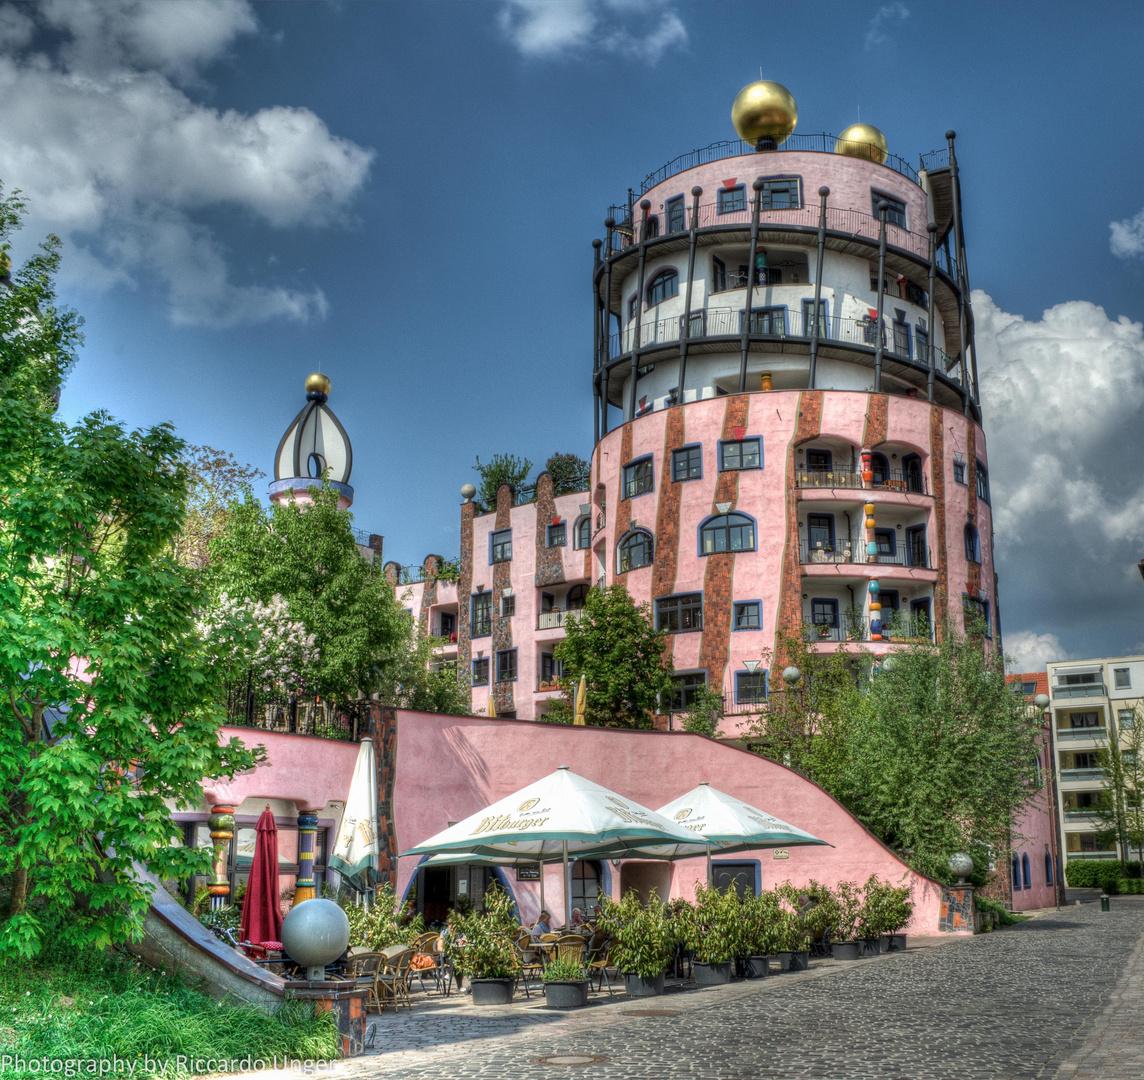 Hundertwasserhaus-Magdeburg